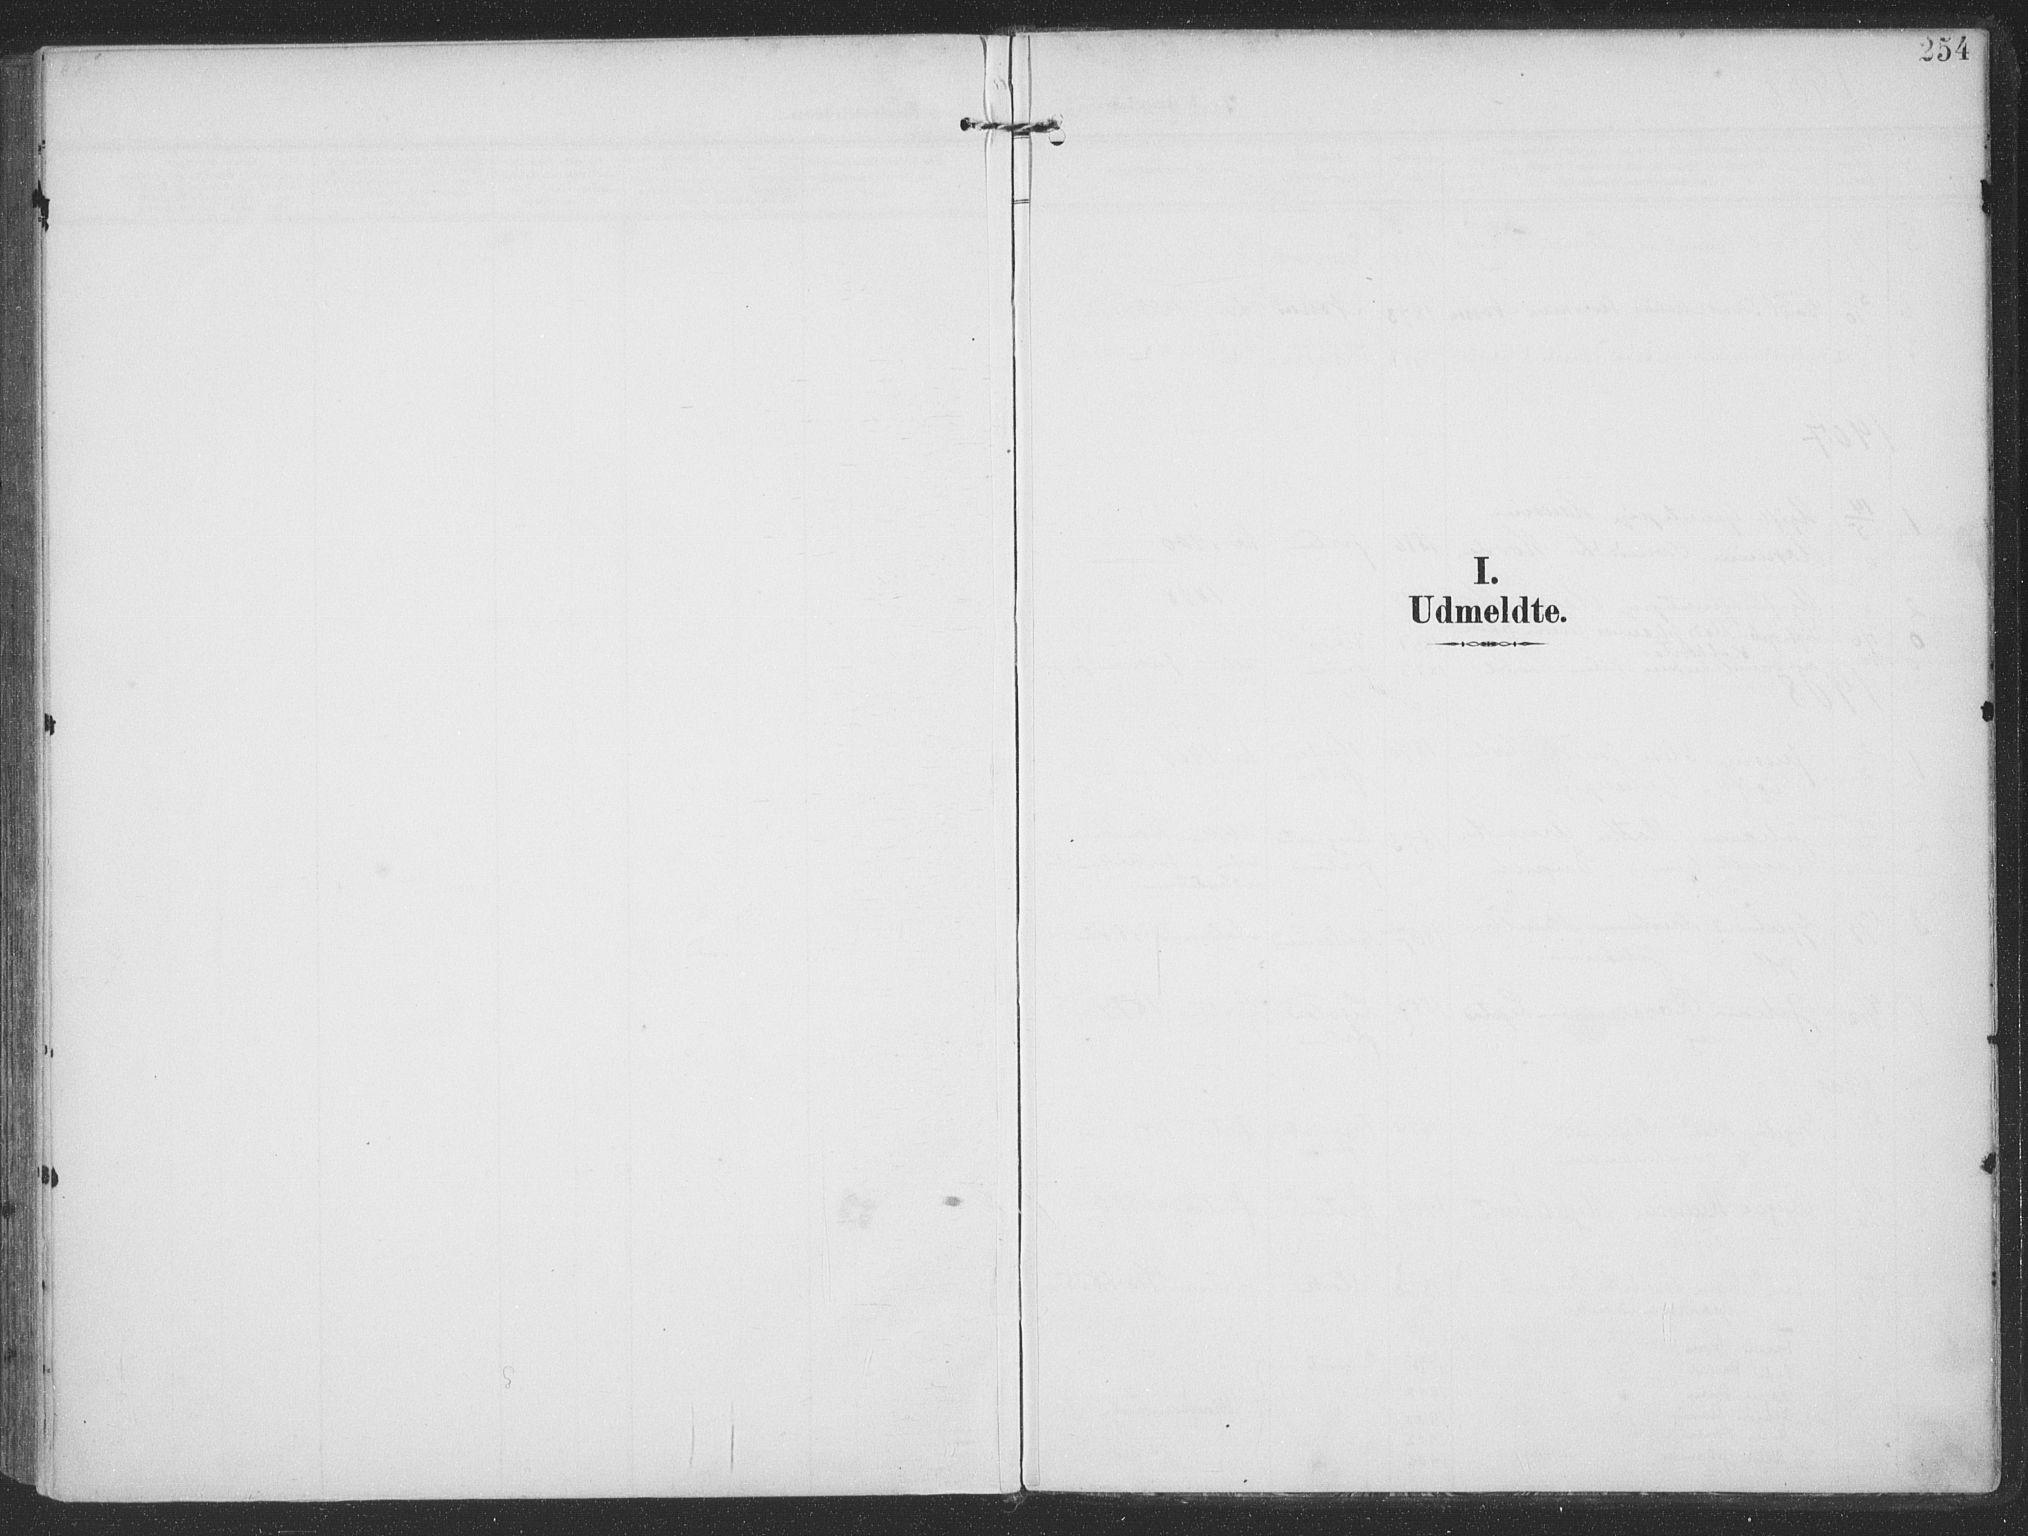 SAT, Ministerialprotokoller, klokkerbøker og fødselsregistre - Møre og Romsdal, 513/L0178: Ministerialbok nr. 513A05, 1906-1919, s. 254